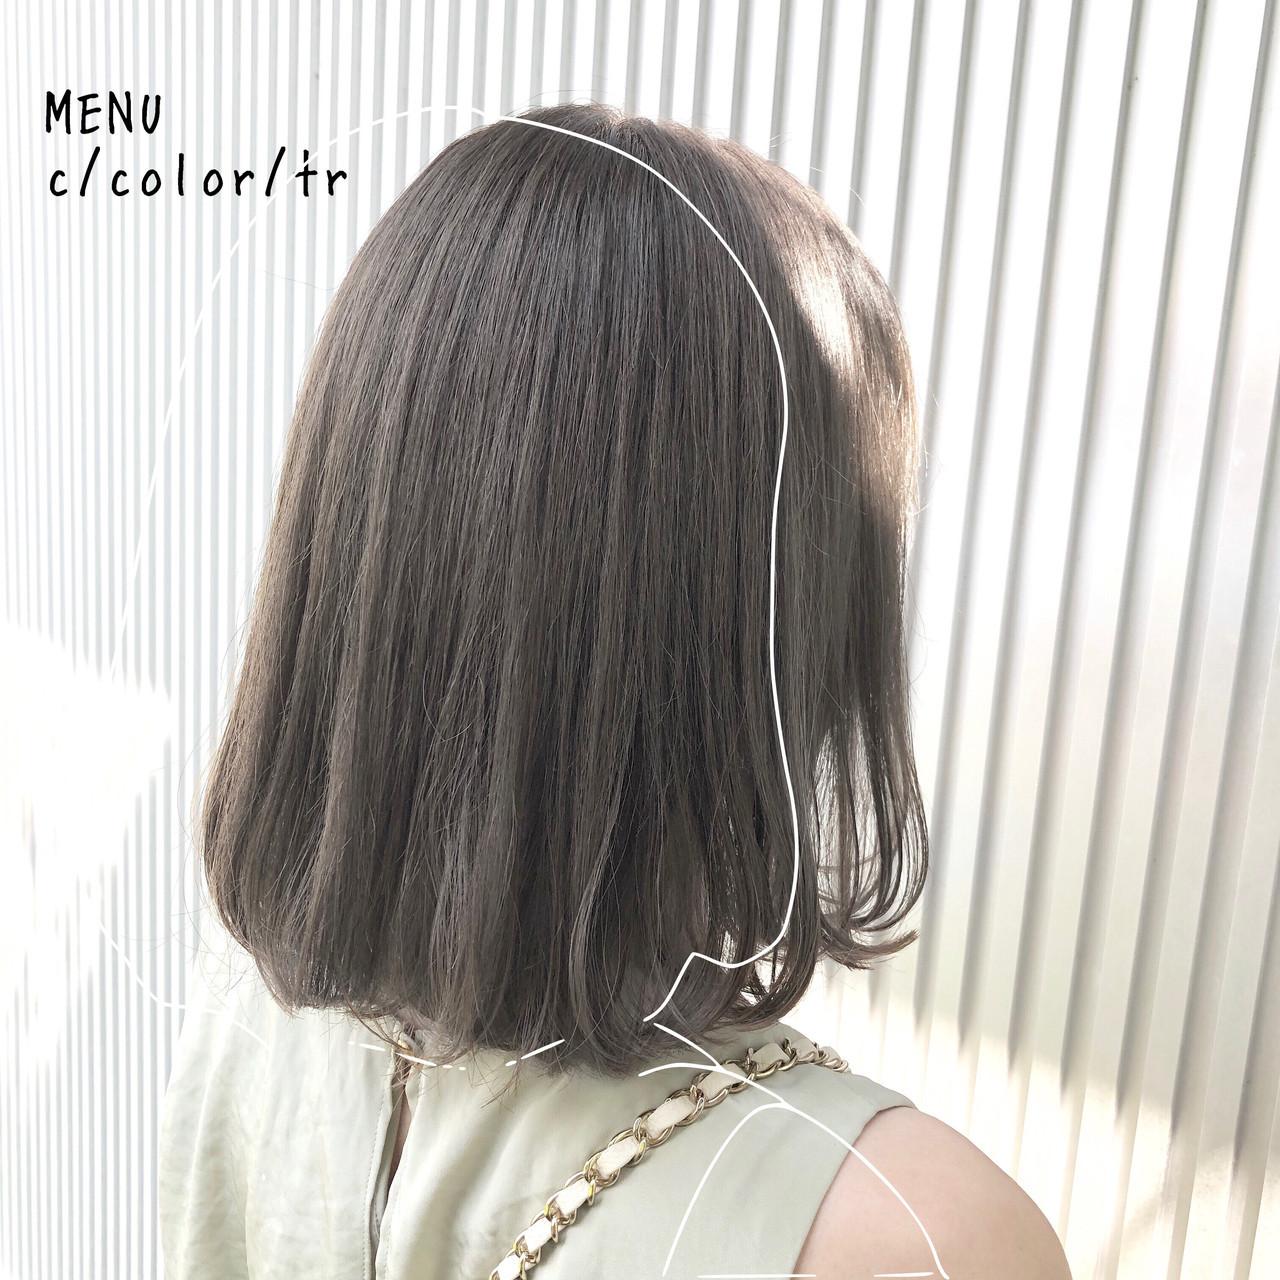 髪質改善 ストレート 前髪 縮毛矯正 ヘアスタイルや髪型の写真・画像